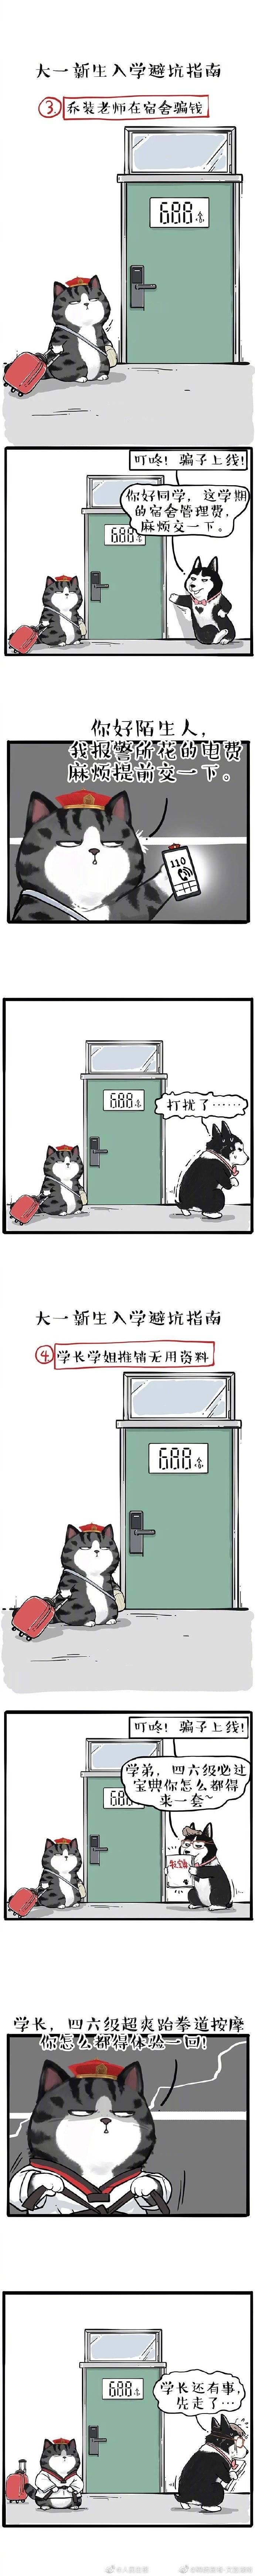 实用!漫画版开学防骗指南